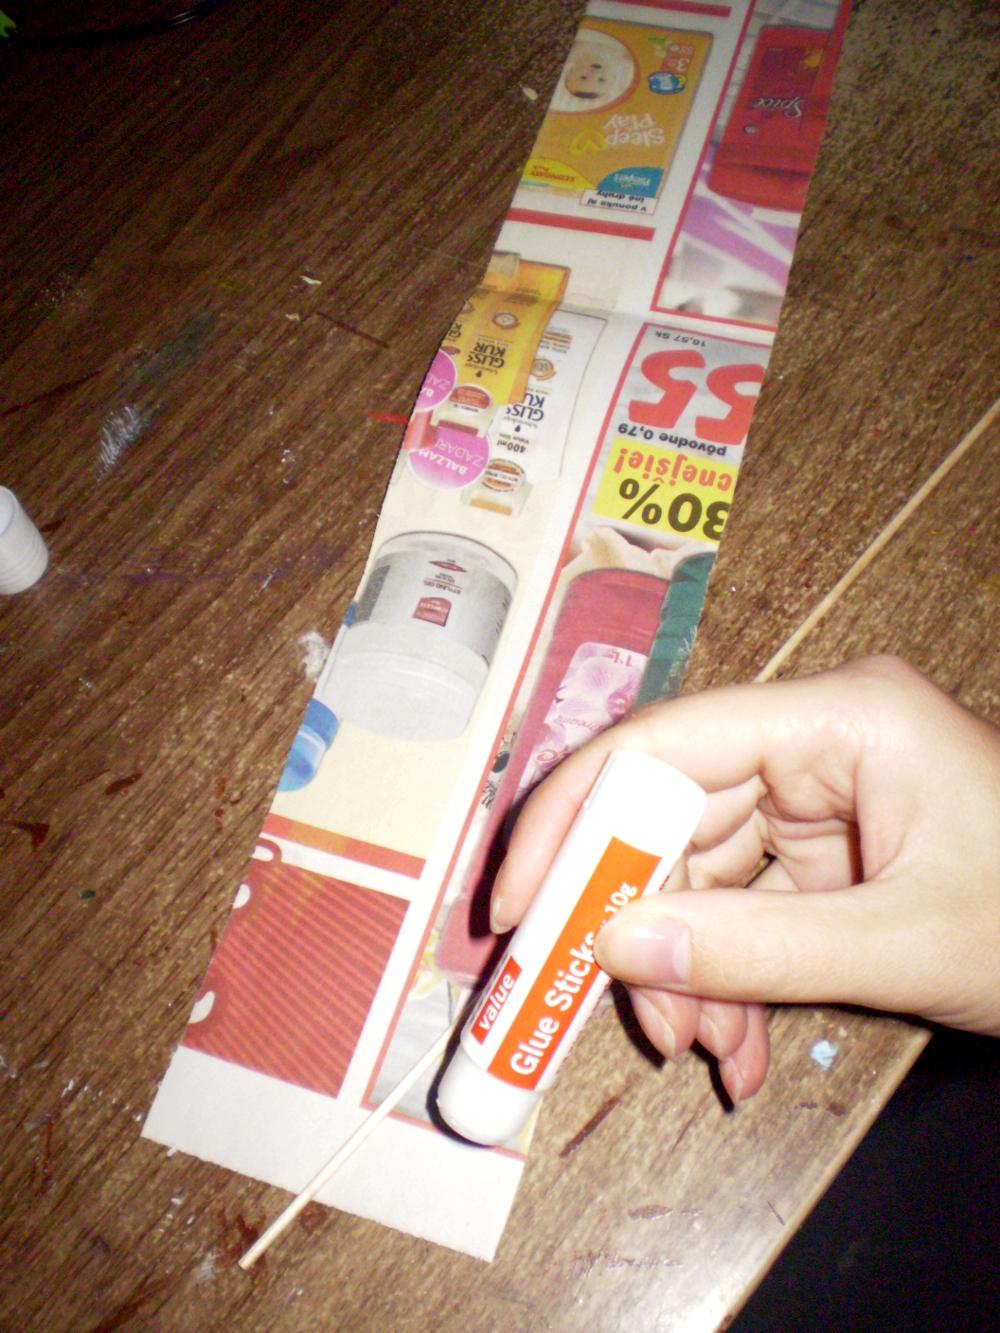 db64c455e Od šírky pásika závisí pevnosť ruličky. Ak šúľame ruličku z novinového  papiera a chceme ju mať bielu umiestnime si biely kraj novín smerom od seba.